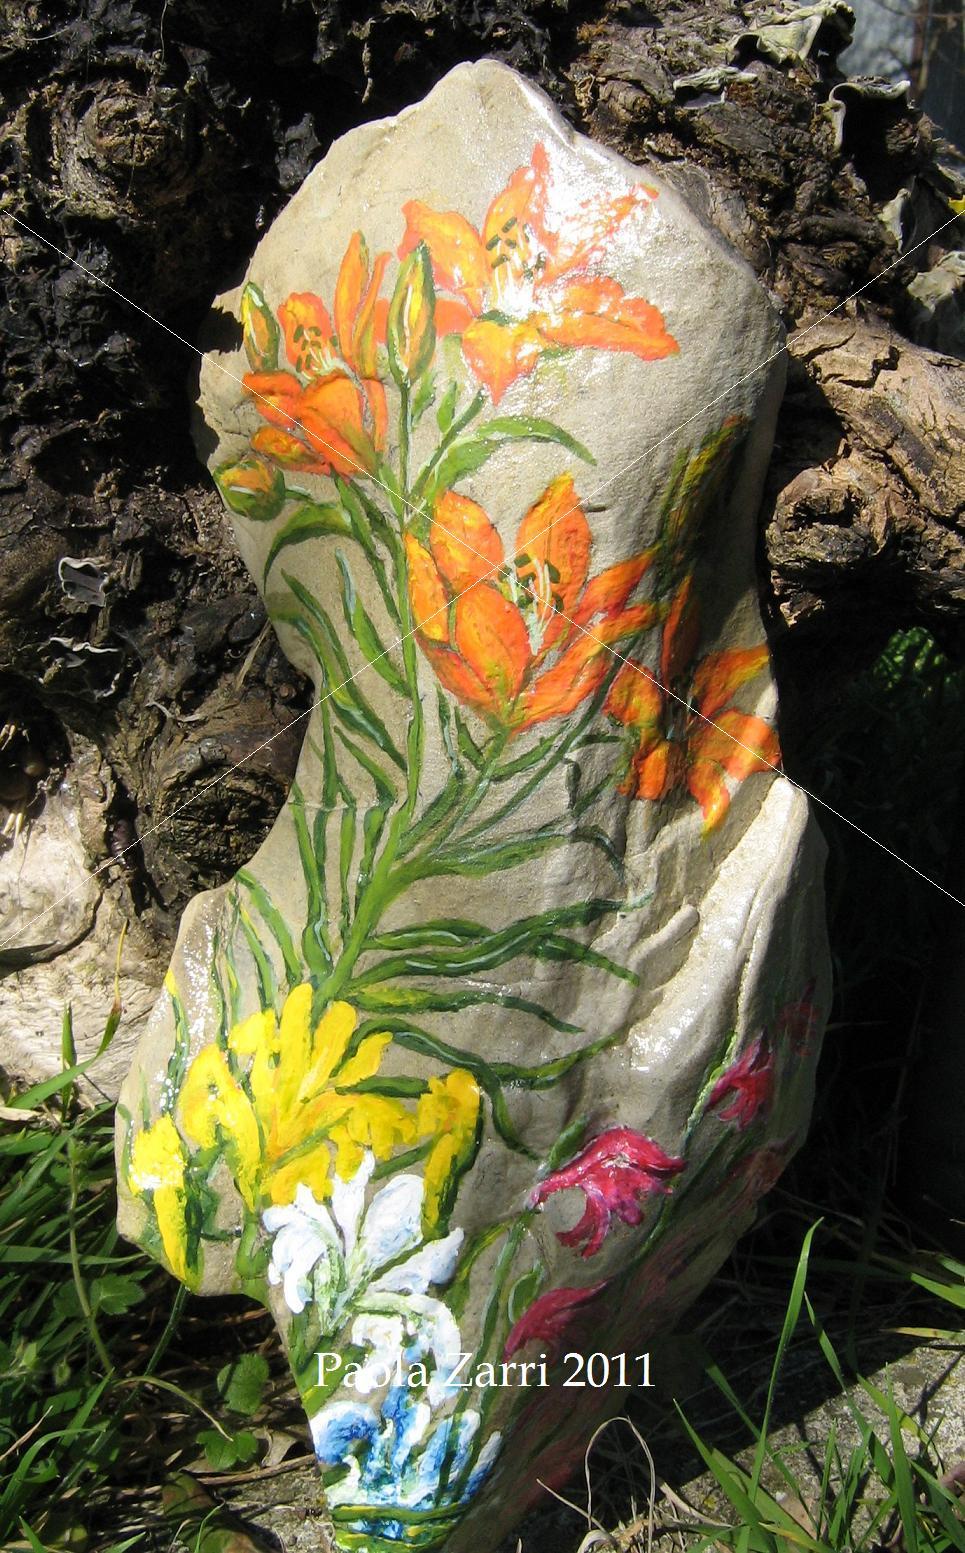 Pzcreazioni i sassi di paola for Giardini decorati